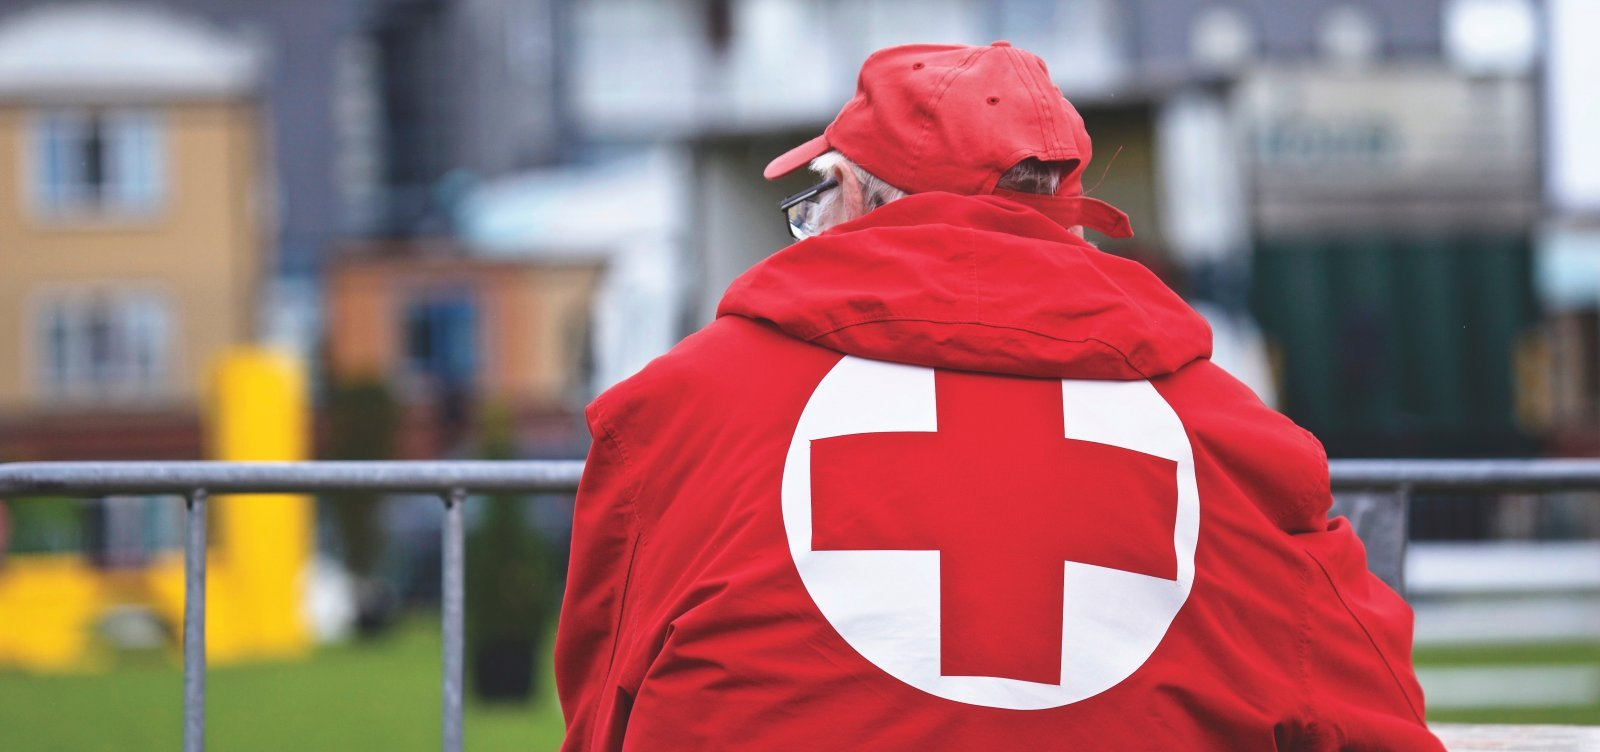 [Cruz Vermelha entrega quatro toneladas de mantimentos na Venezuela]